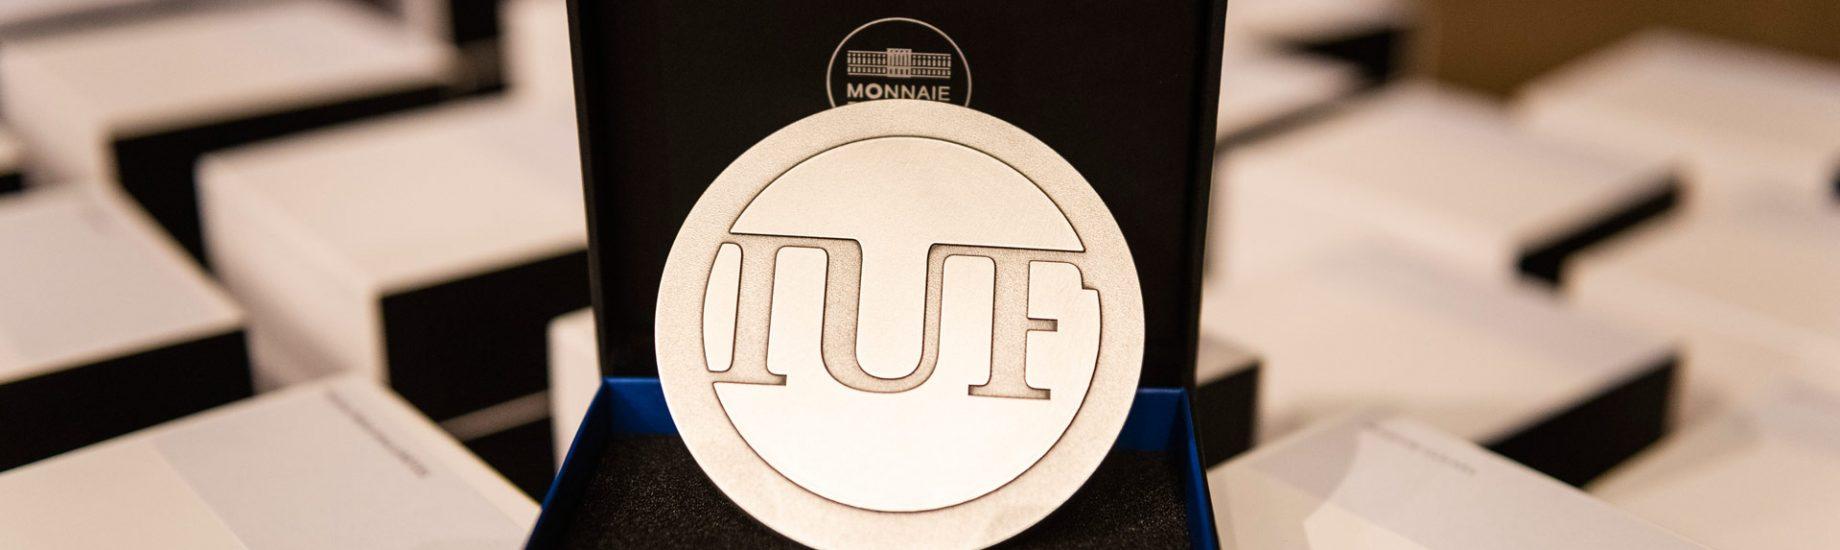 IUF - Médaille - Crédit : Hamid AZMOUN – Institut universitaire de France